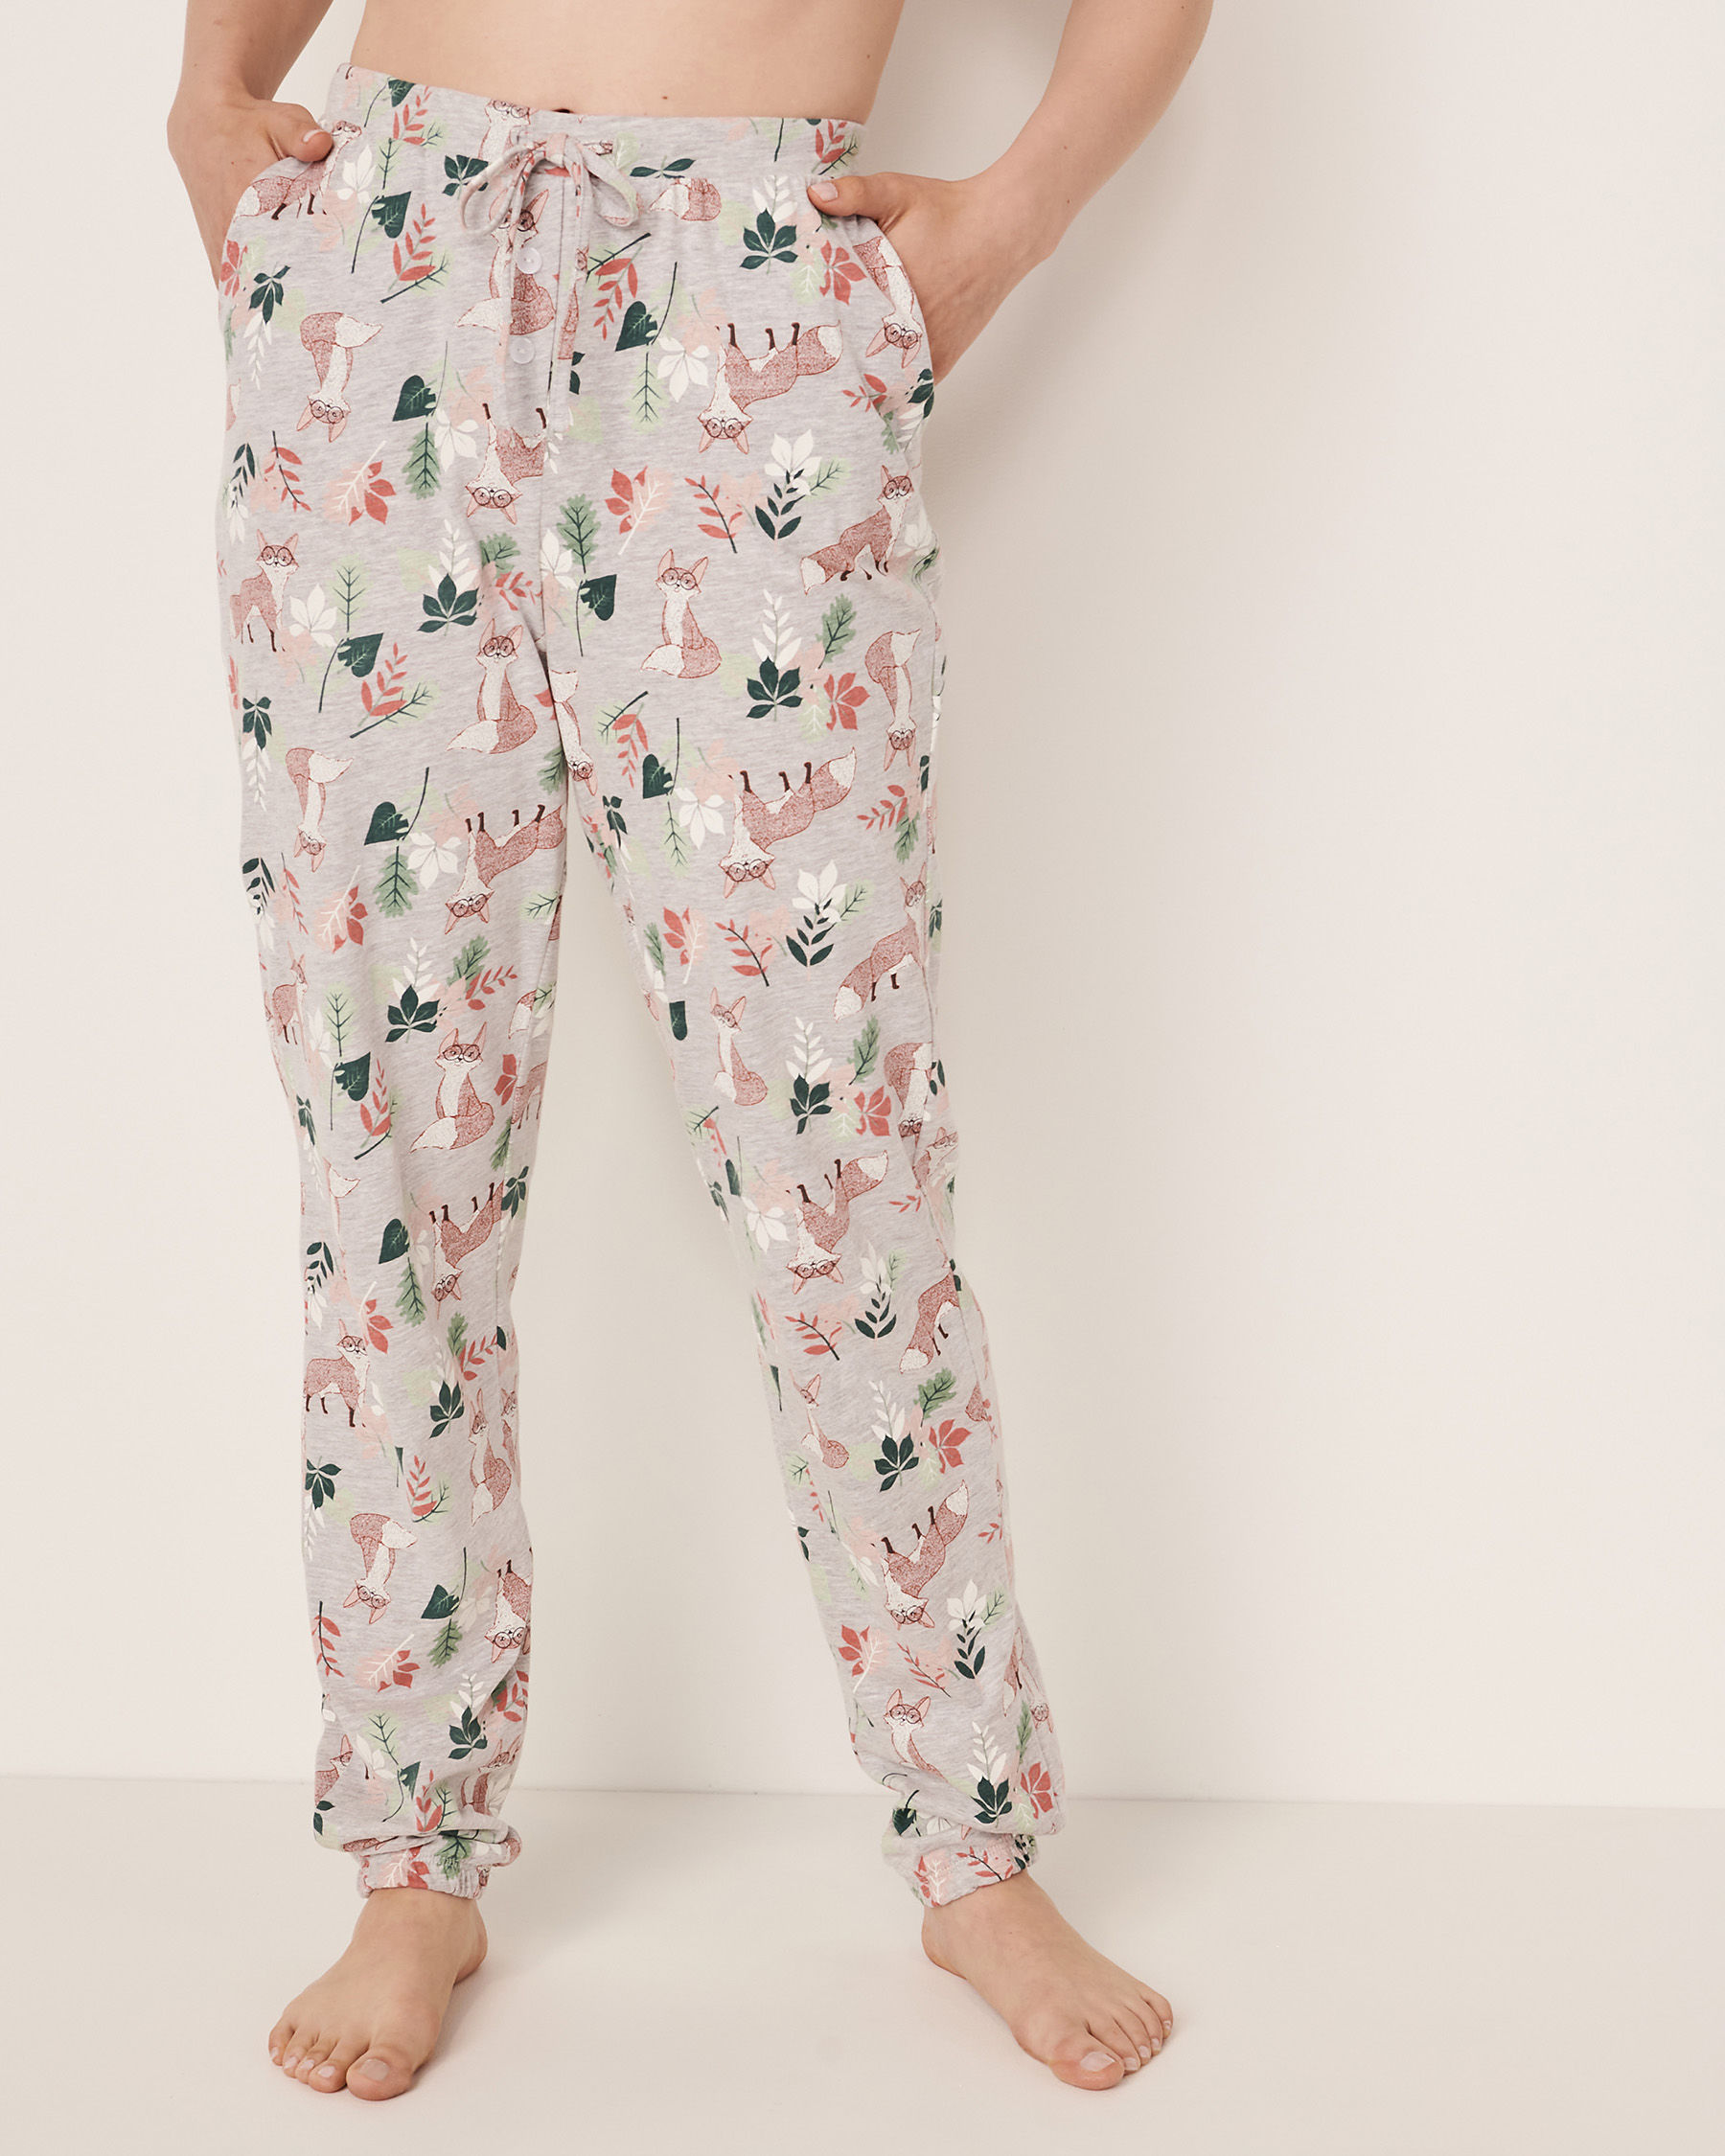 LA VIE EN ROSE Fitted Pyjama Pant Fox print 40200094 - View3